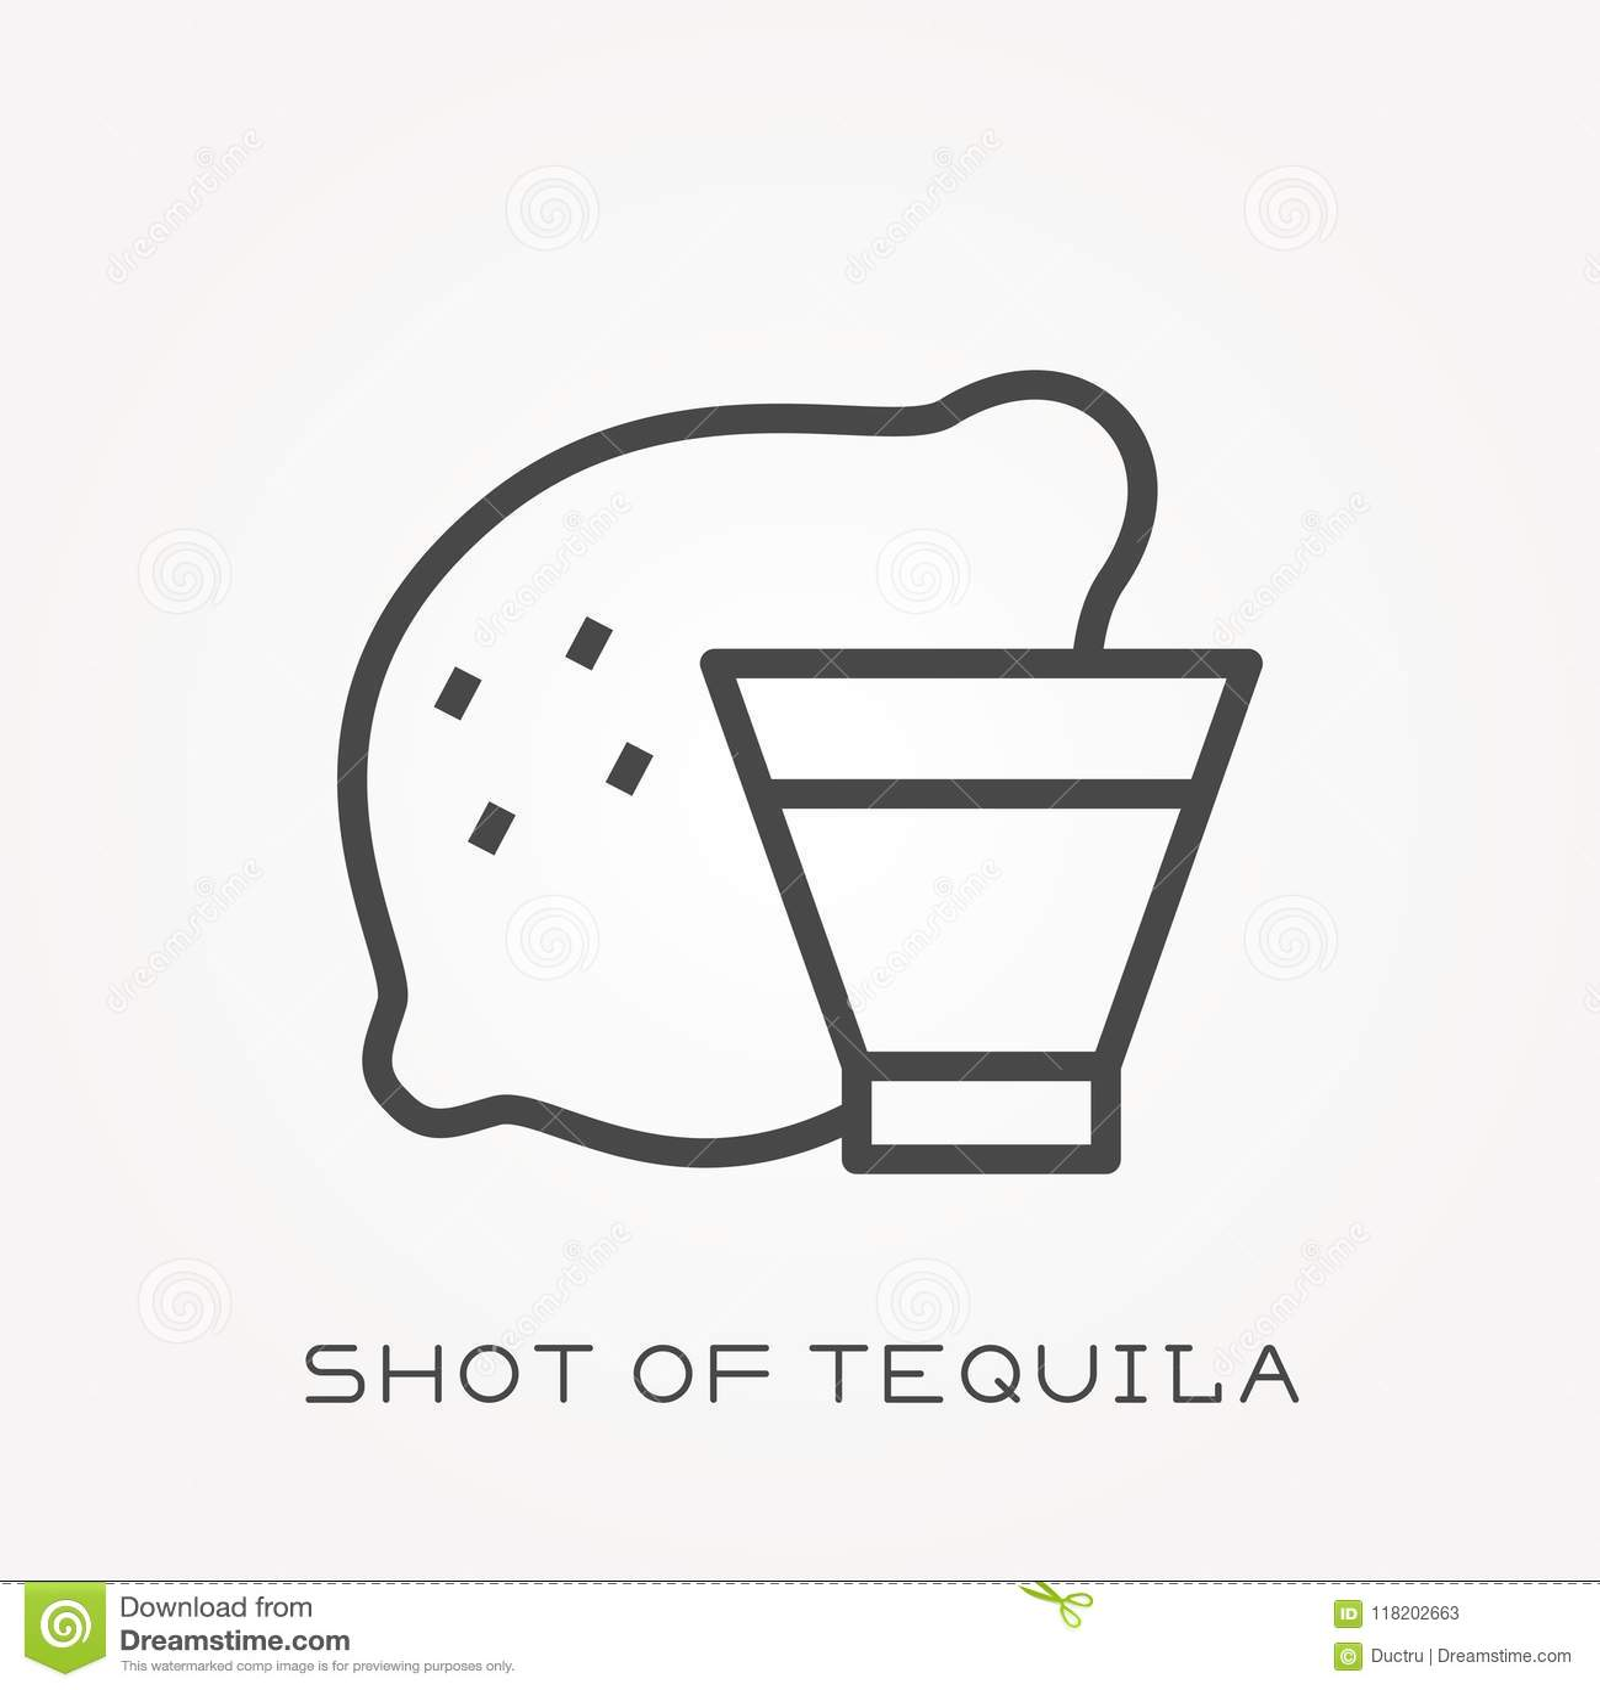 Plana vektorsymboler med skottet av tequilaen